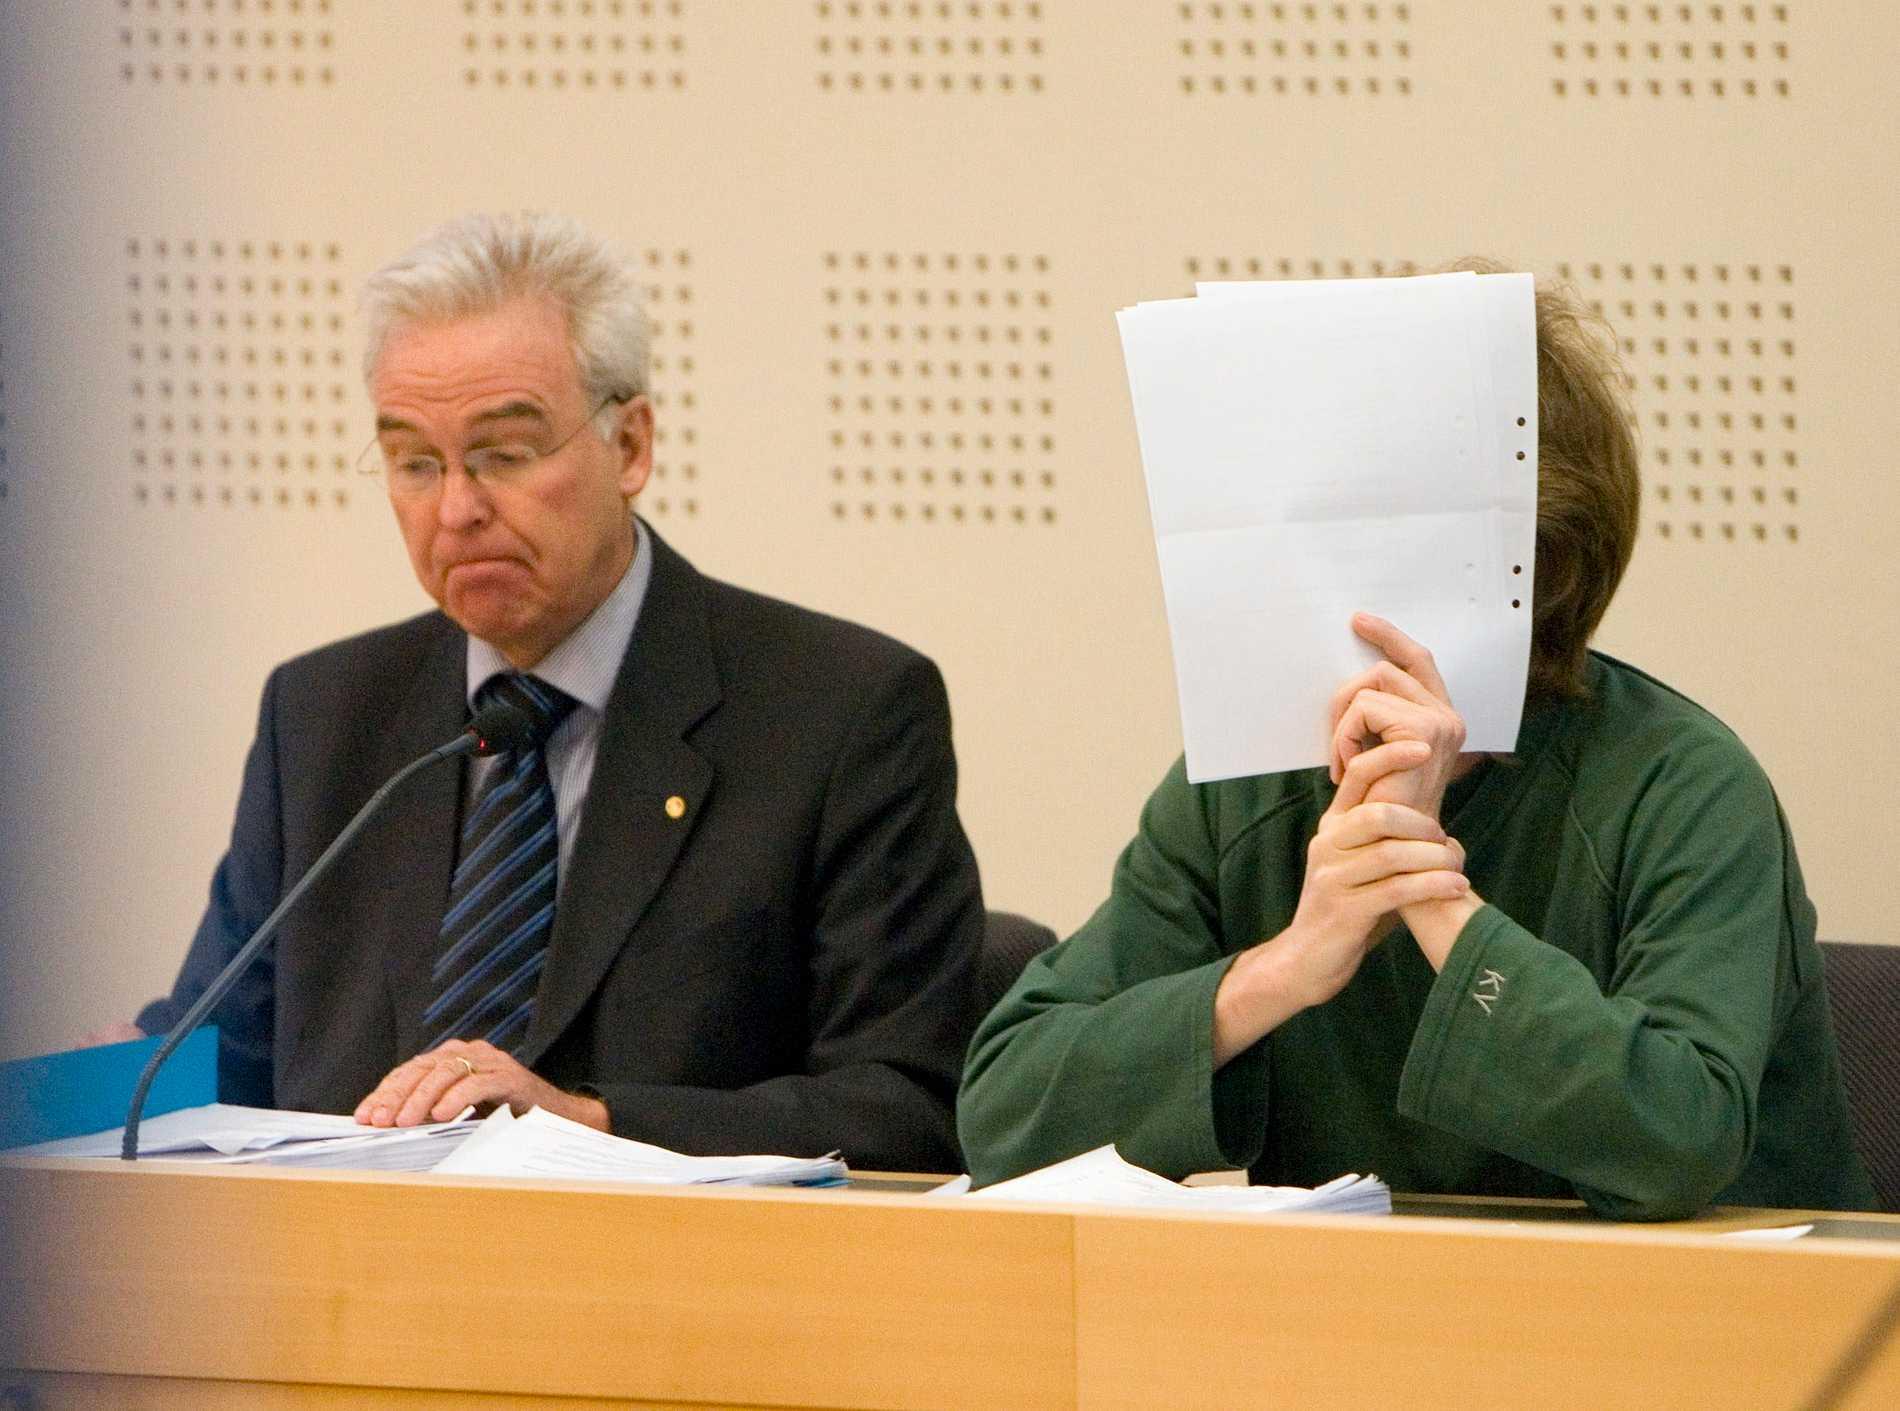 Gryningspyromanen med sin advokat vid en rättegång 2009. Arkivbild.